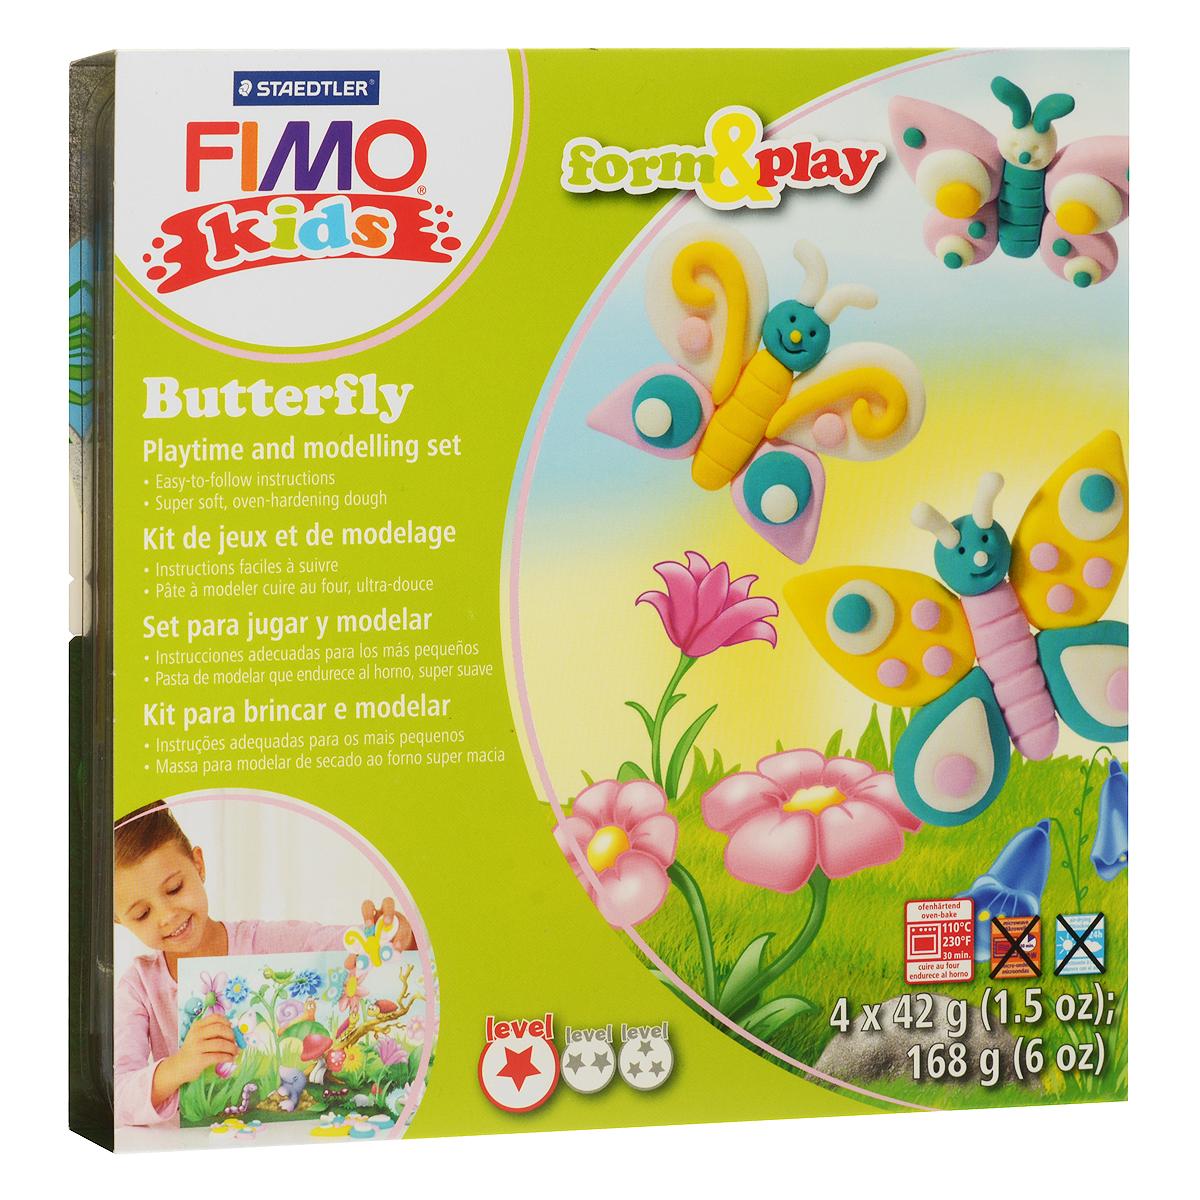 Набор для лепки Fimo Kids Бабочка8034 10 LZНабор для лепки Fimo Kids Бабочка представляет собой сочетание моделирования и игры. Набор включает в себя: 4 блока массы для лепки по 42 г (желтый, нежно-розовый, бирюзовый, блестящий белый), стек для моделирования, игровая фоновая сцена. Входящая в набор полимерная глина разработана специально для детей, она мягкая, пластичная и ей легко придавать различные формы. Игровая фоновая сцена, изображенная на внутренней стороне упаковки, не только доставит дополнительное удовольствие от игры, но и вдохновит на новые идеи моделирования. При помощи этого набора ваш малыш сможет своими руками изготовить красивые фигурки бабочек. В домашних условиях готовая поделка выпекается в духовом шкафу при температуре 110°С в течении 15-30 минут (в зависимости от величины изделия). Отвердевшие изделия могут быть раскрашены акриловыми красками, покрыты лаком, склеены друг с другом или с другими материалами.